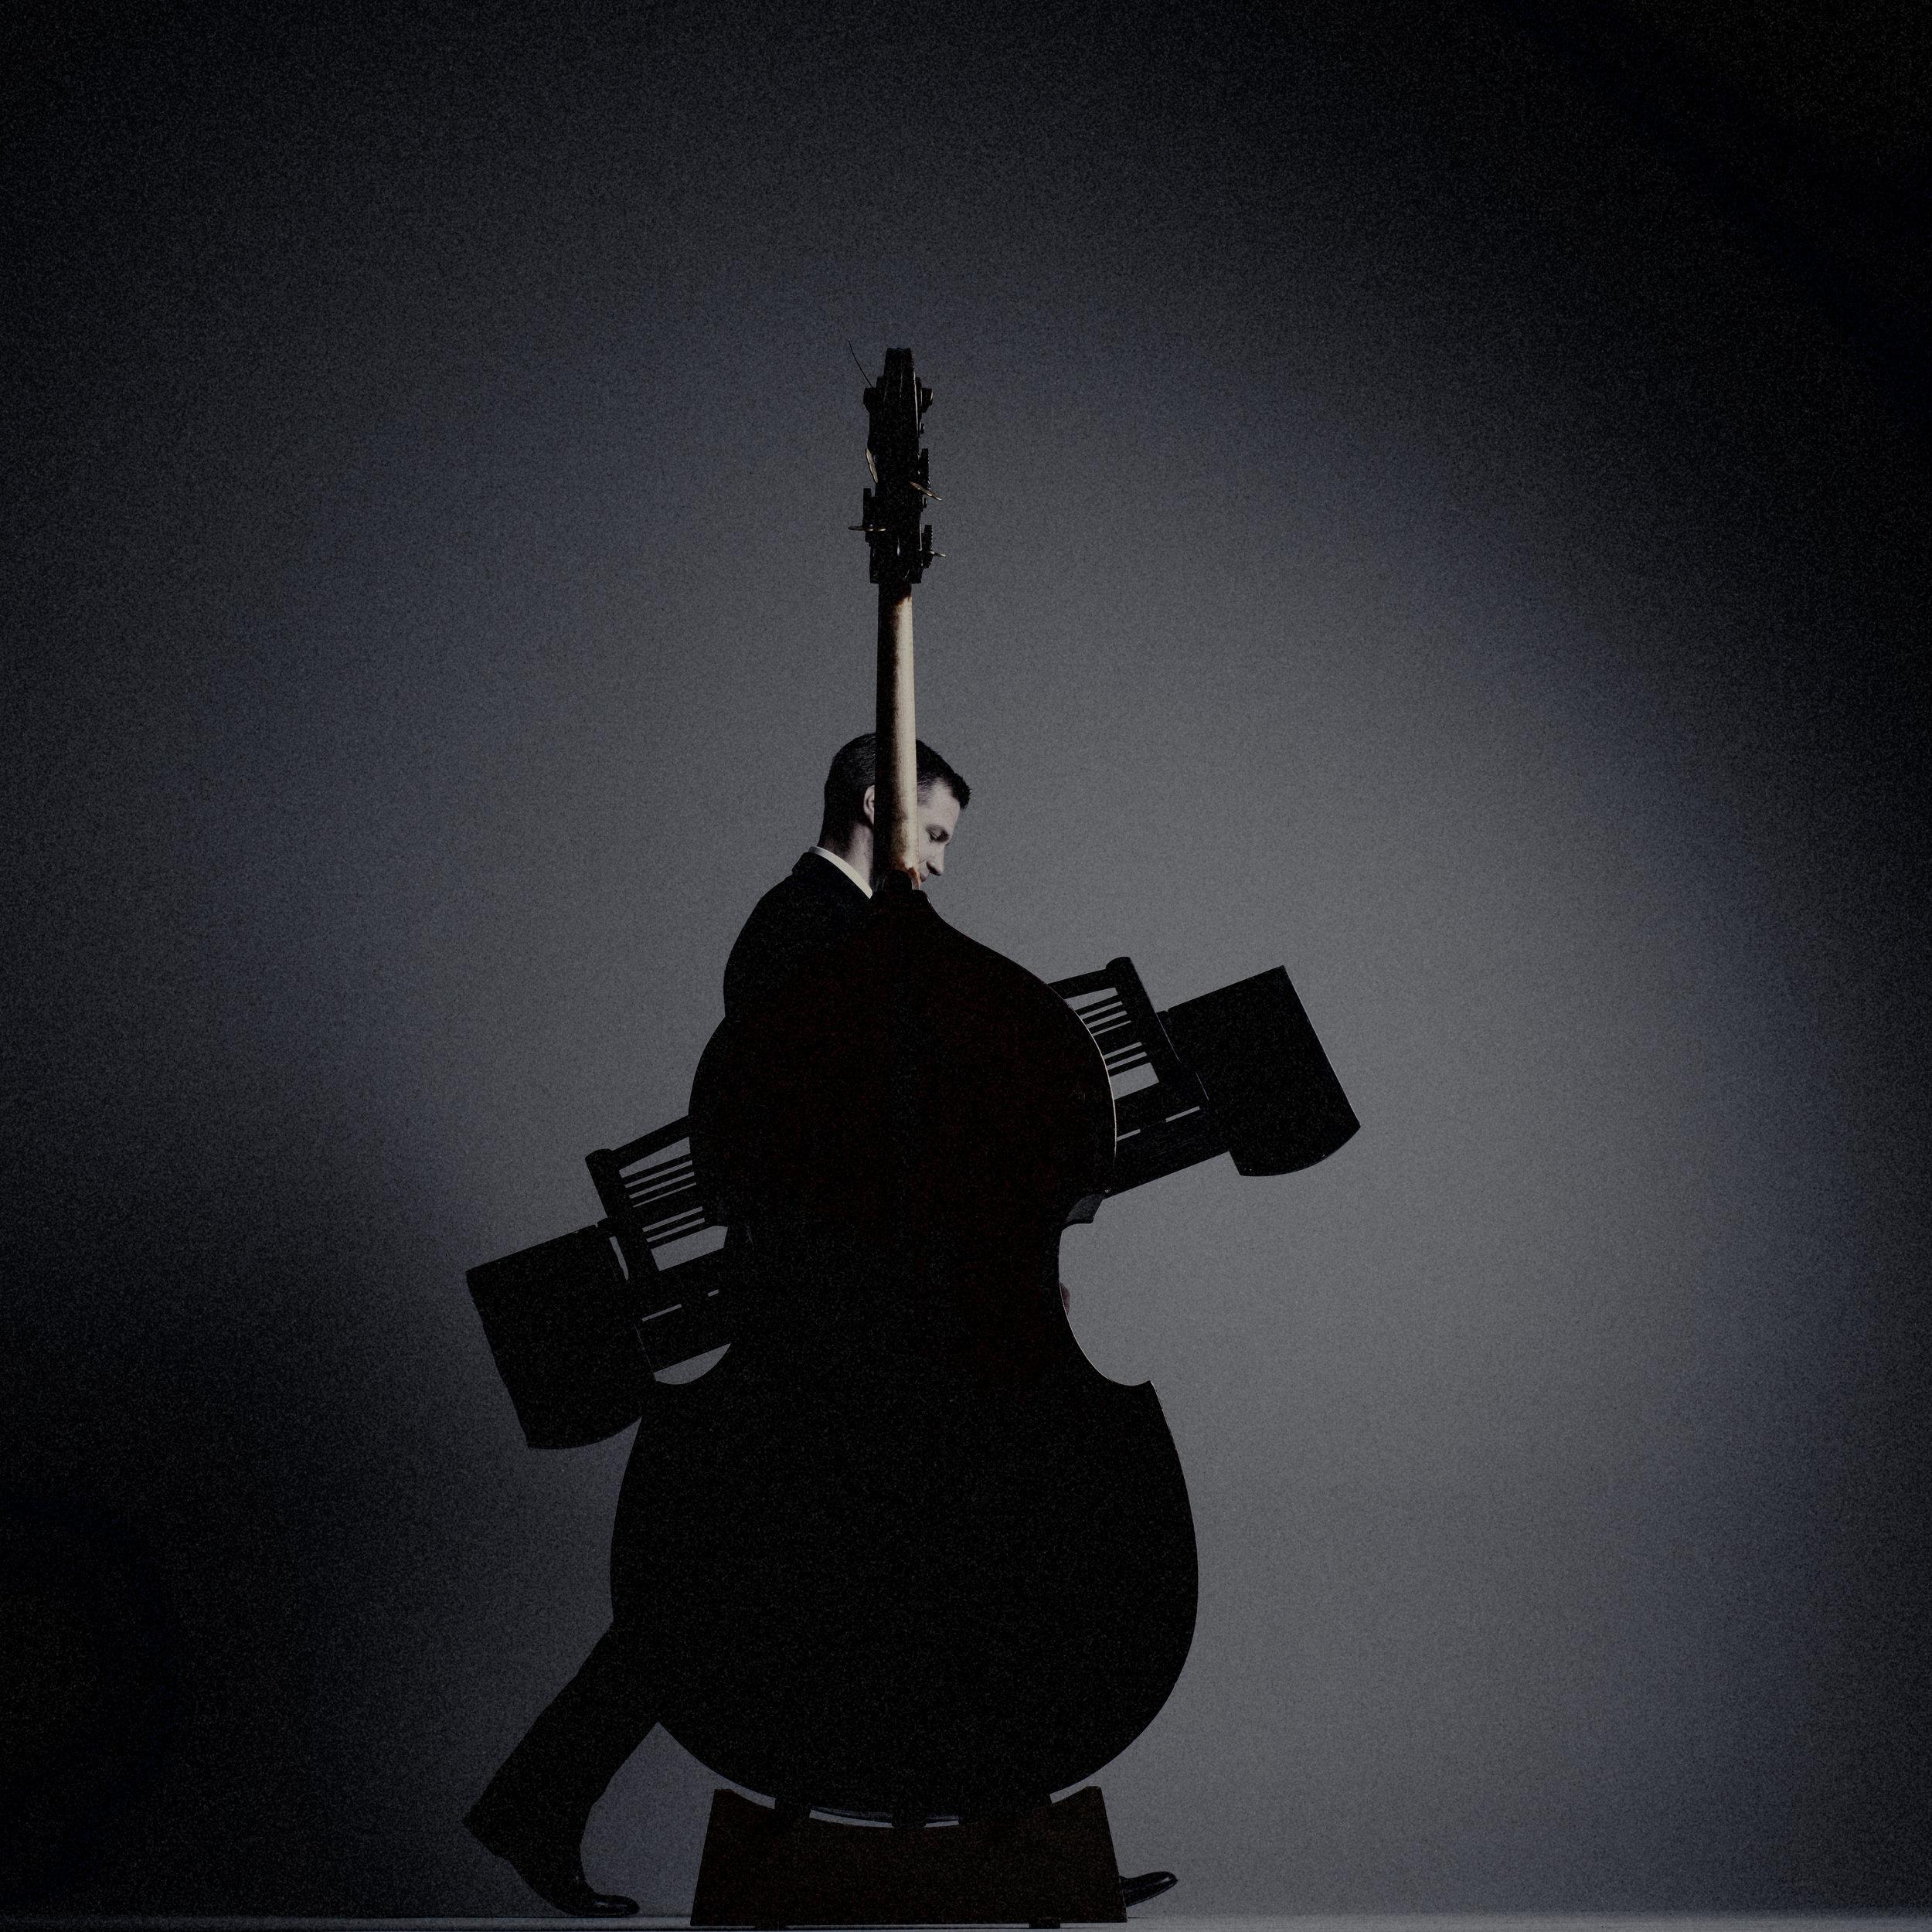 Zahlreiche Preise - Neben zahlreichen Preisen, Studienerfolgen und ähnlichem wird schnell klar: Hier haben wir es mit mehr als einem reinen Klavierspieler zu tun. Vielseitigkeit, ein Interesse weit über Musikalisches hinaus, Lebenslust in und neben der Musik zeichnen diesen Menschen aus. Zunächst ist da der leidenschaftliche Pädagoge zu nennen. Schon während des Studiums begann Andreas Hering im Rahmen zweier Lehraufträge zu unterrichten, in Rostock und in Weimar - seit 2015 hat er einen Lehrauftrag an der Hochschule für Musik Felix Mendelssohn-Bartholdy Leipzig inne.